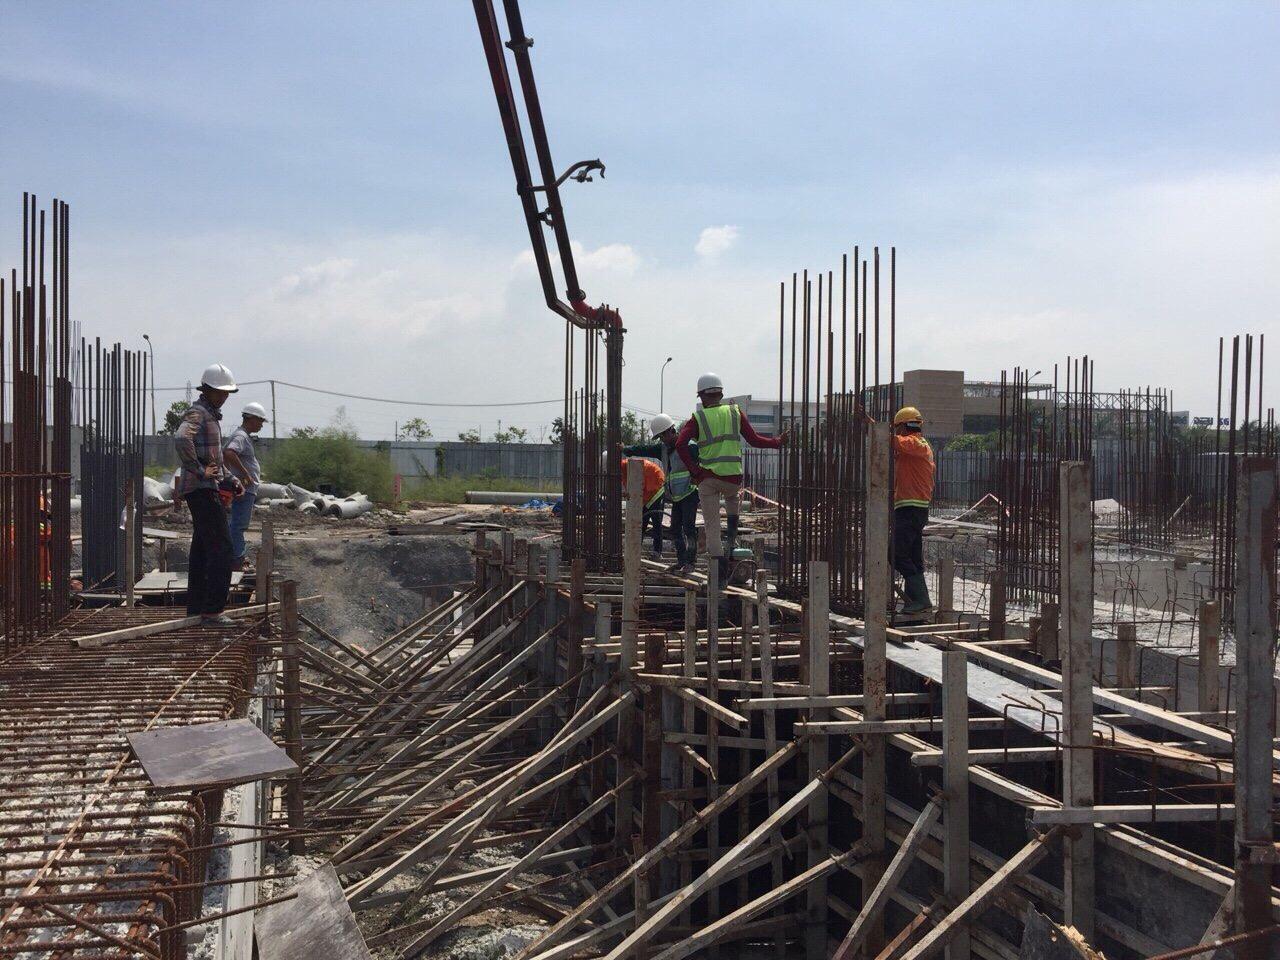 Tiến độ xây dựng dự án căn hộ La Premier Quận 2 - Tháng 11/2018 - Liên hệ 0942.098.890 Nhận mua bán ký gửi căn hộ La Premier